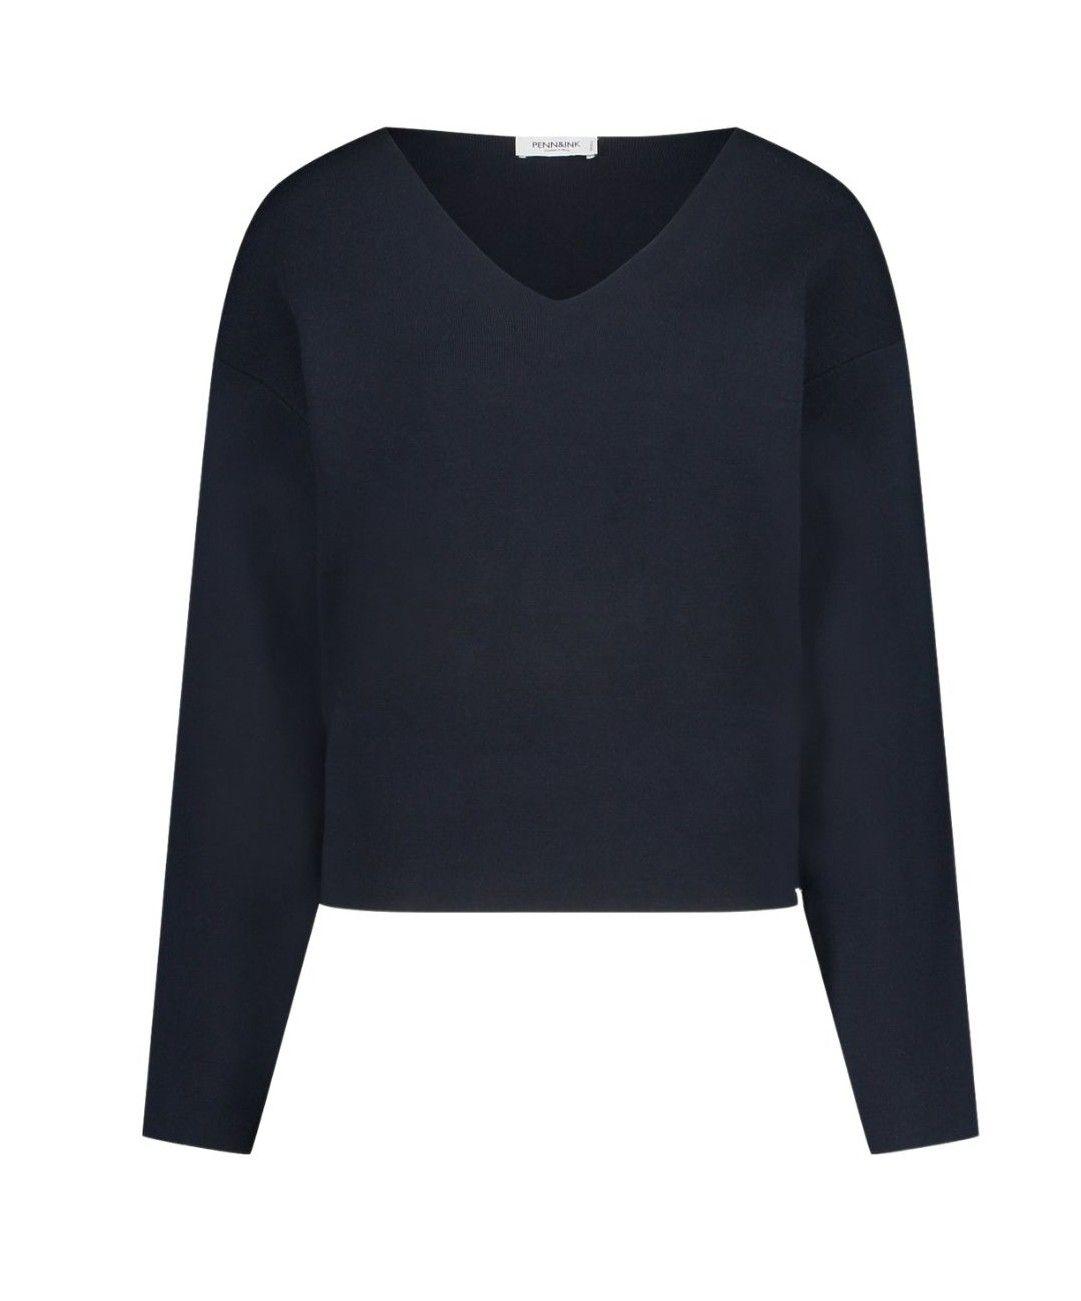 PENN&INK - Damen Pullover - Navy